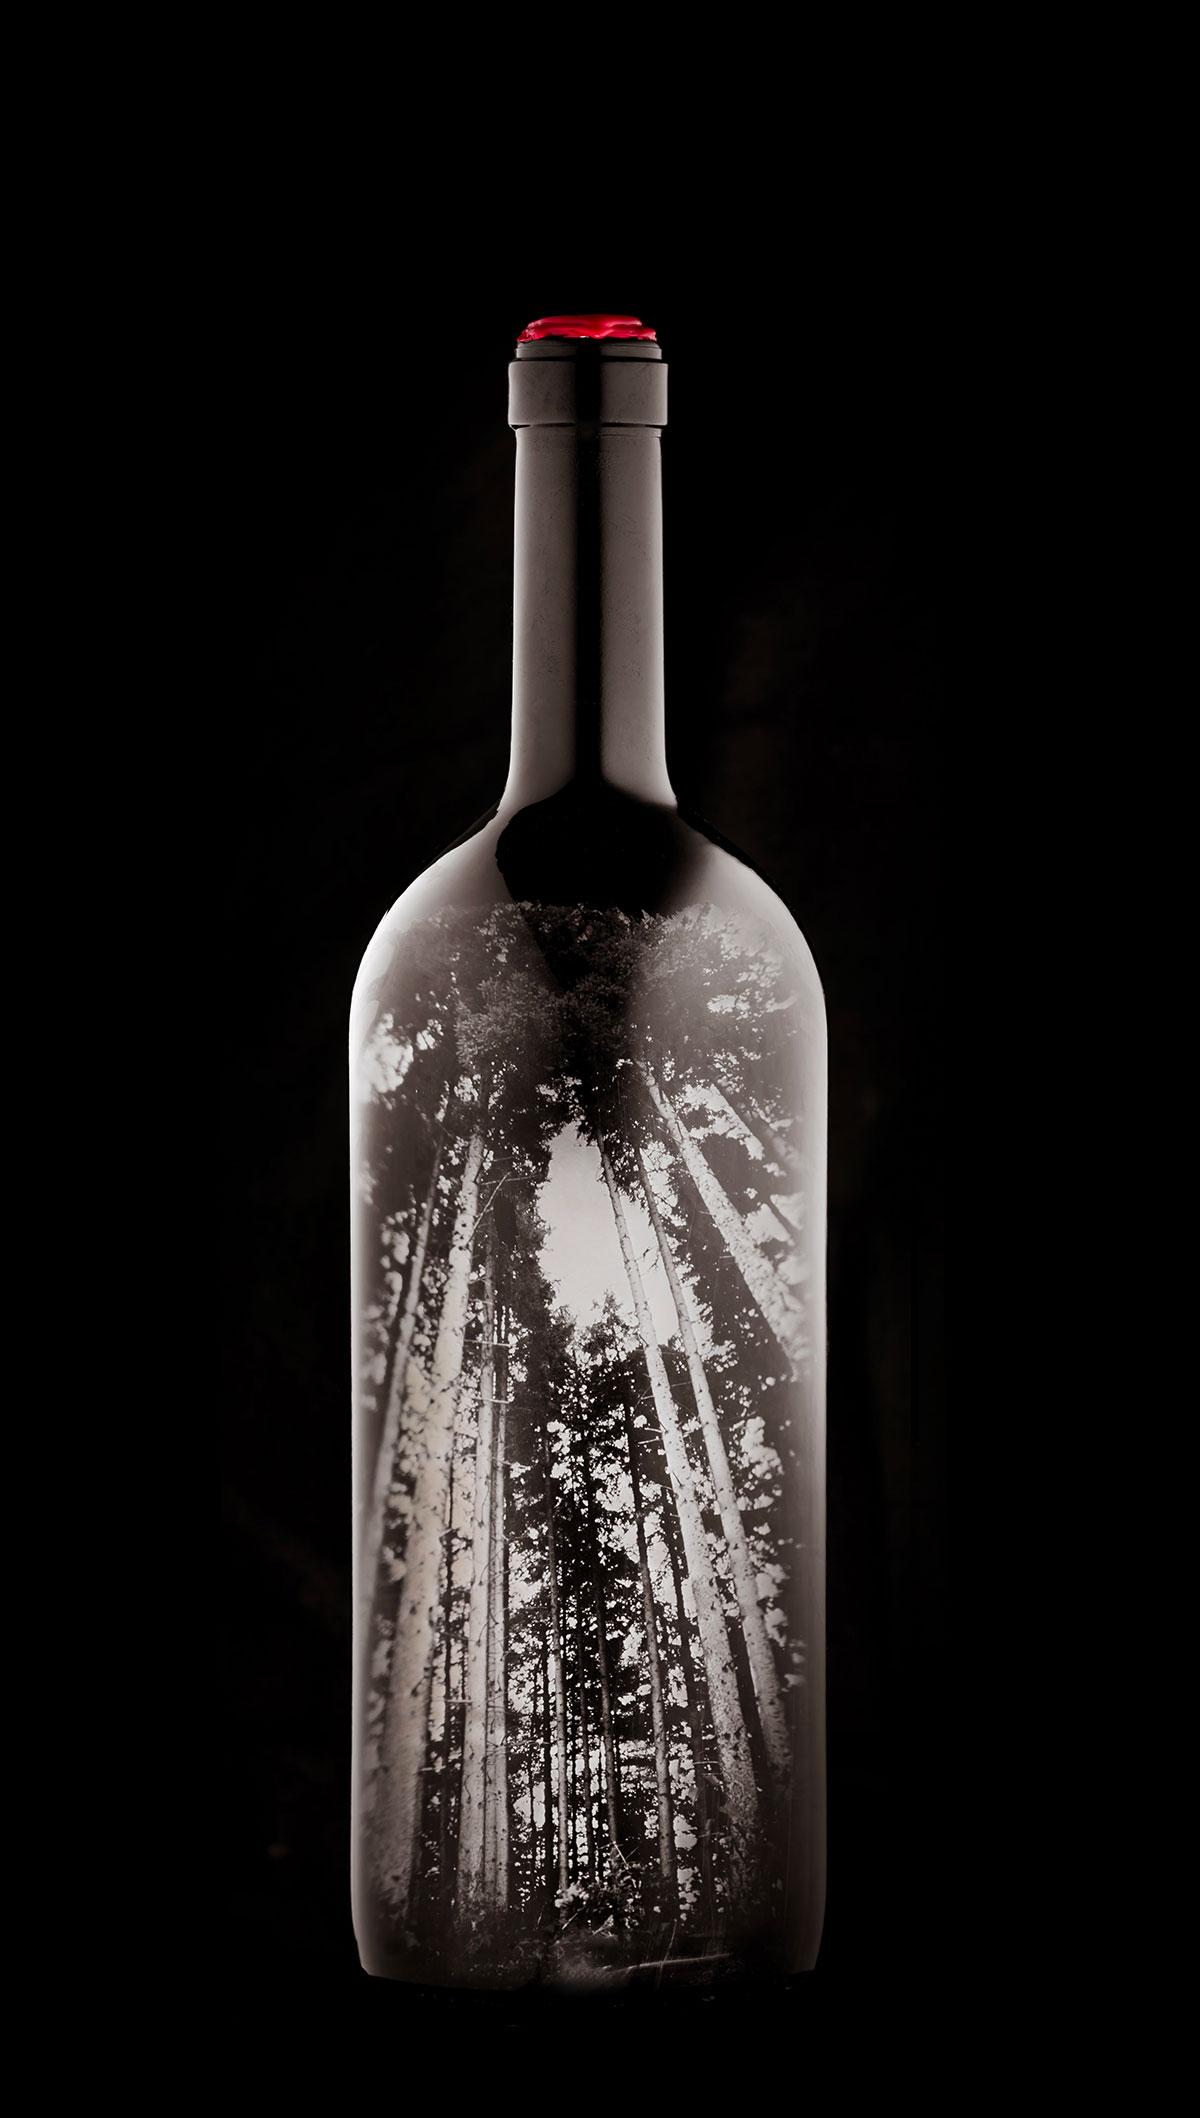 Package-Design-Bottle_Wine_Stefan-Sappert_03